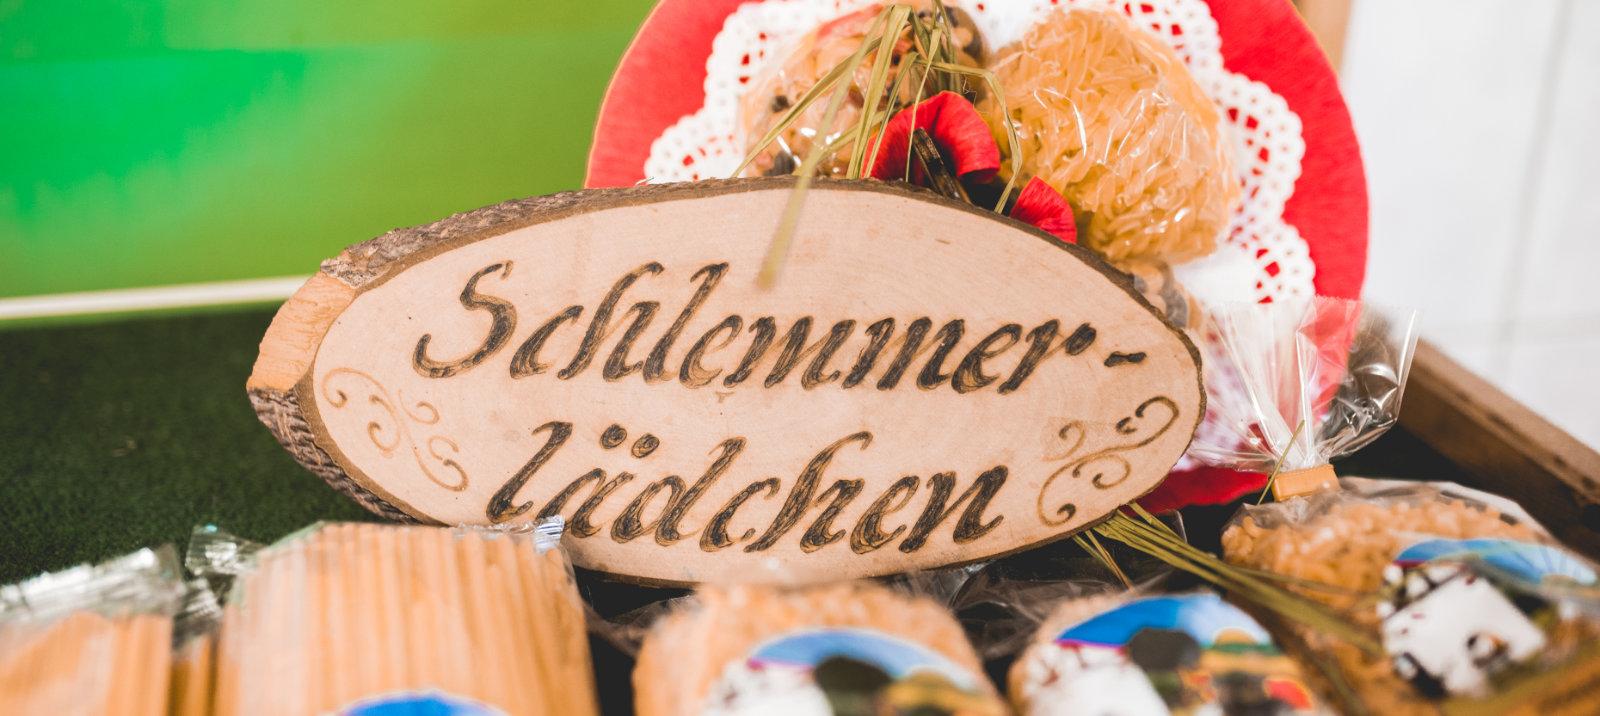 header_schlemmermädchen_1600x716